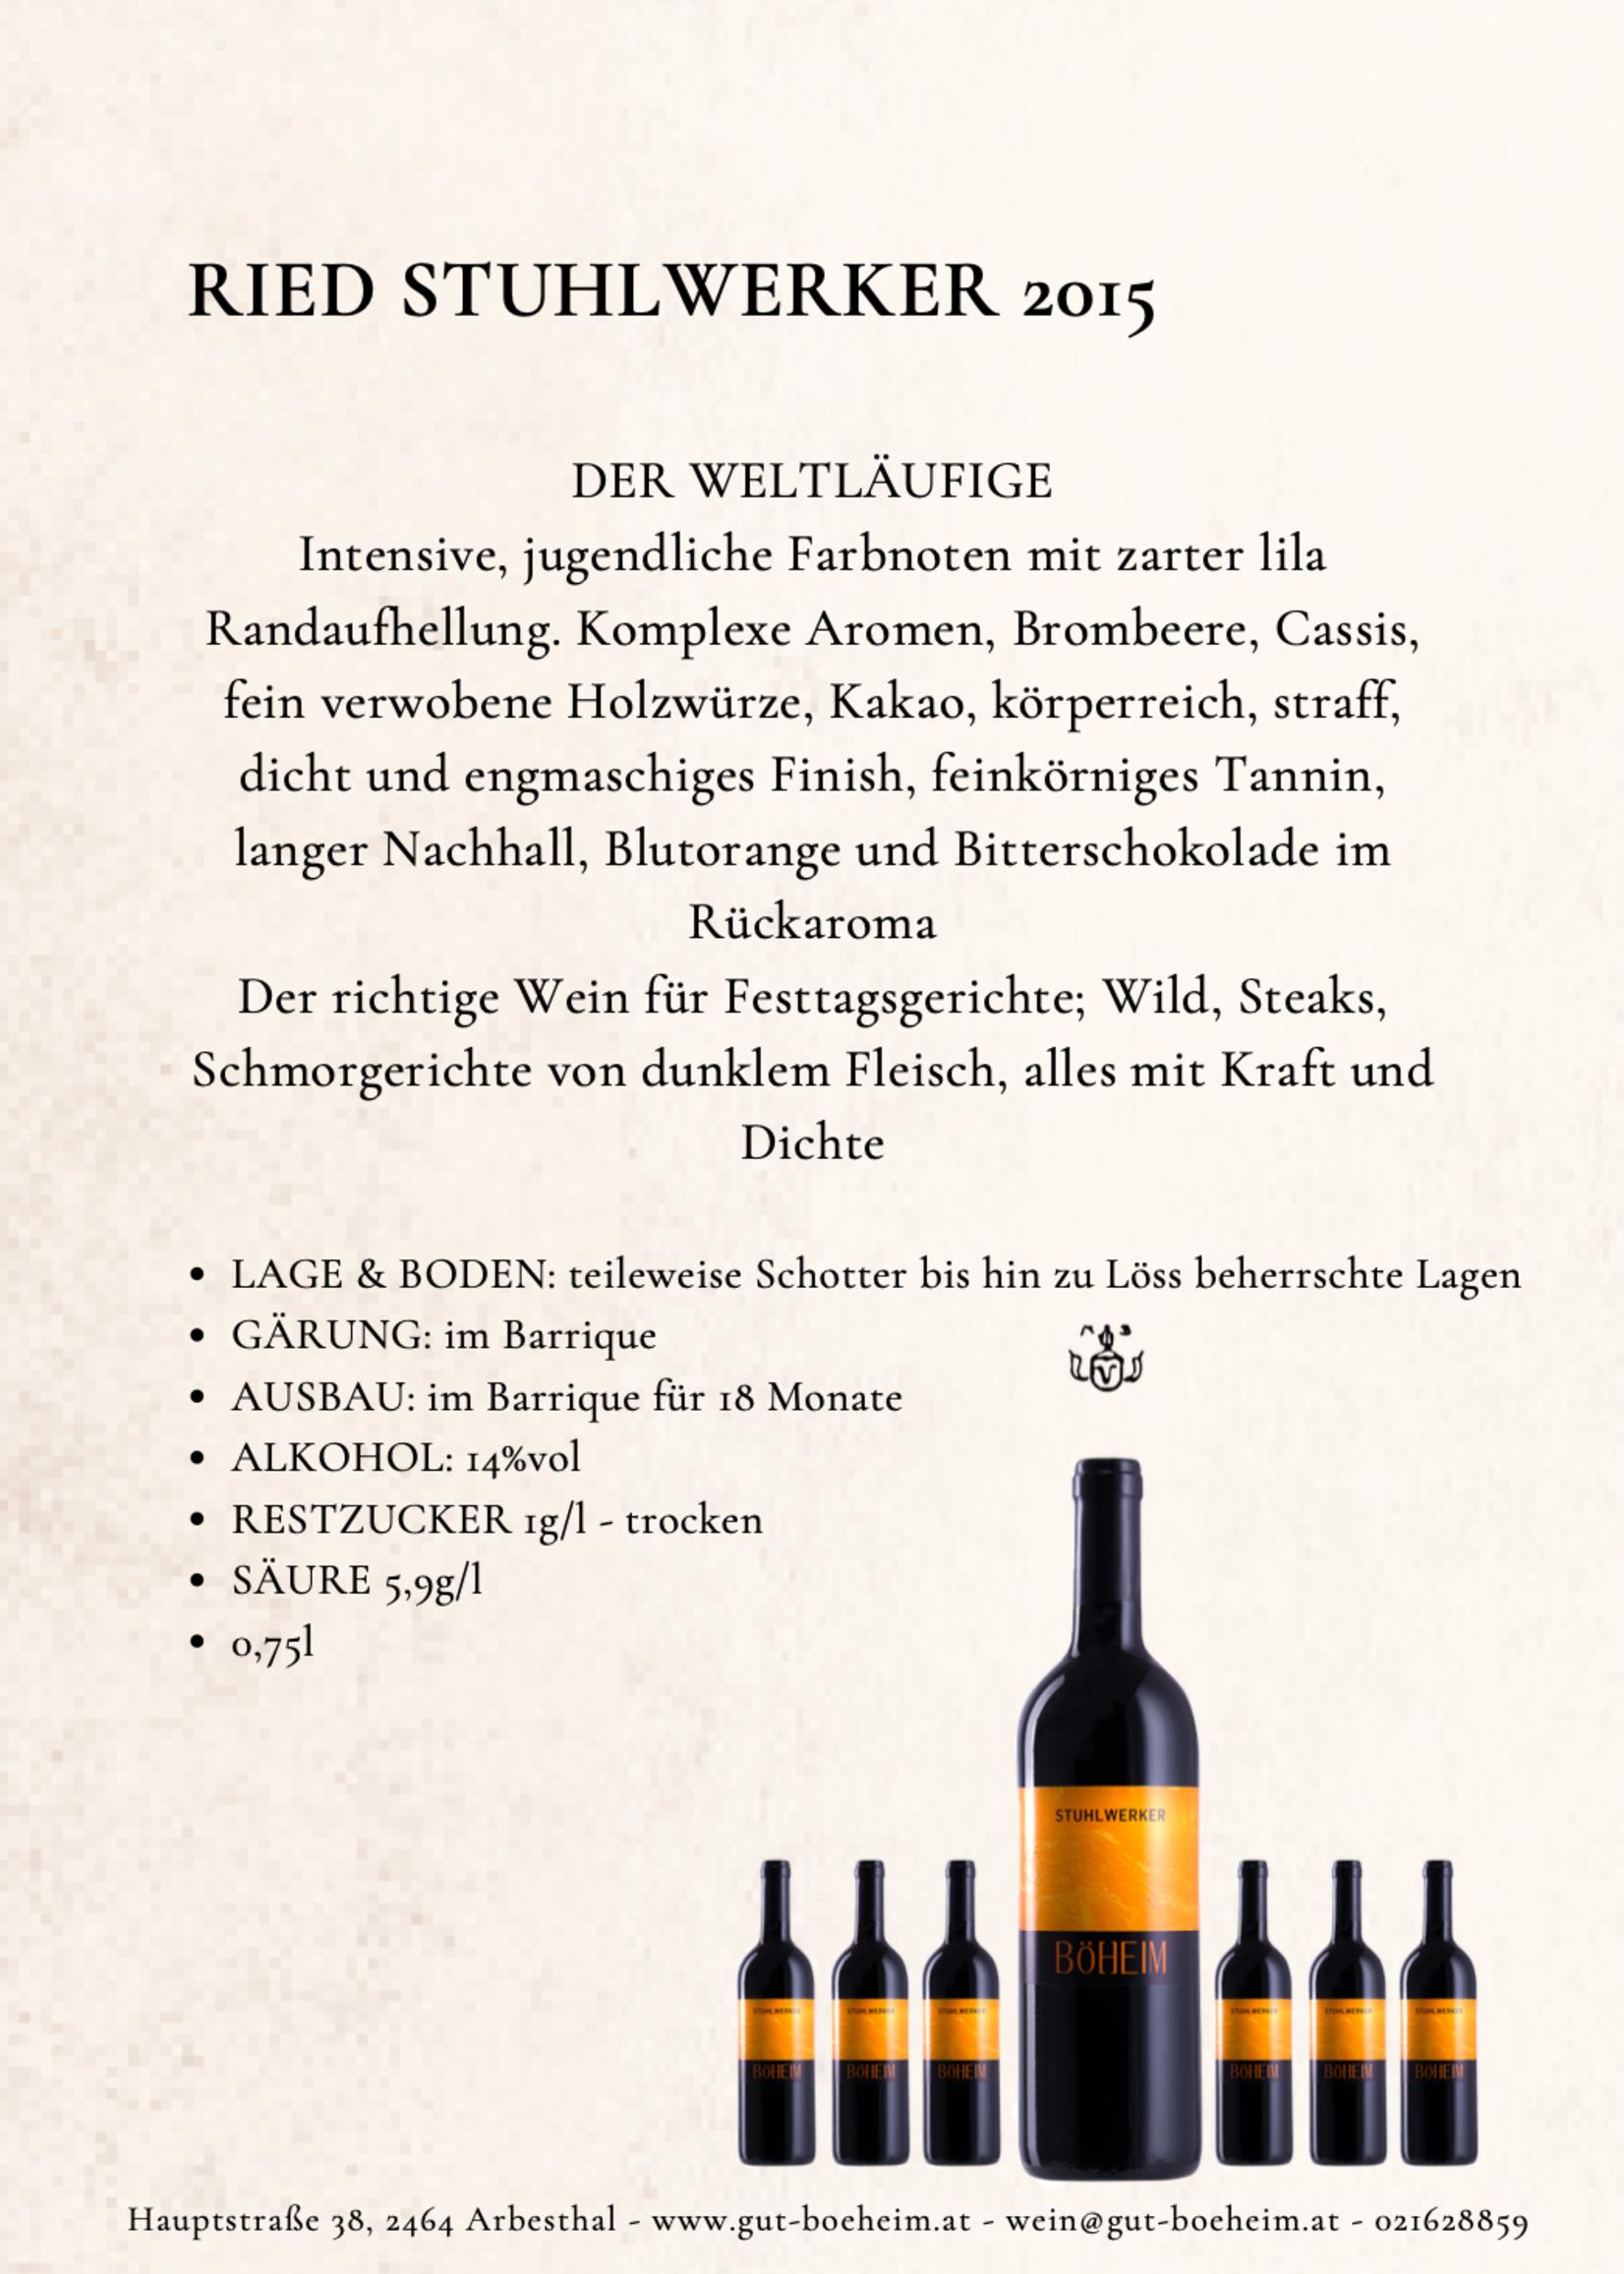 Ried Stuhlwerker 2015 0,75 l vom Weingut Böheim